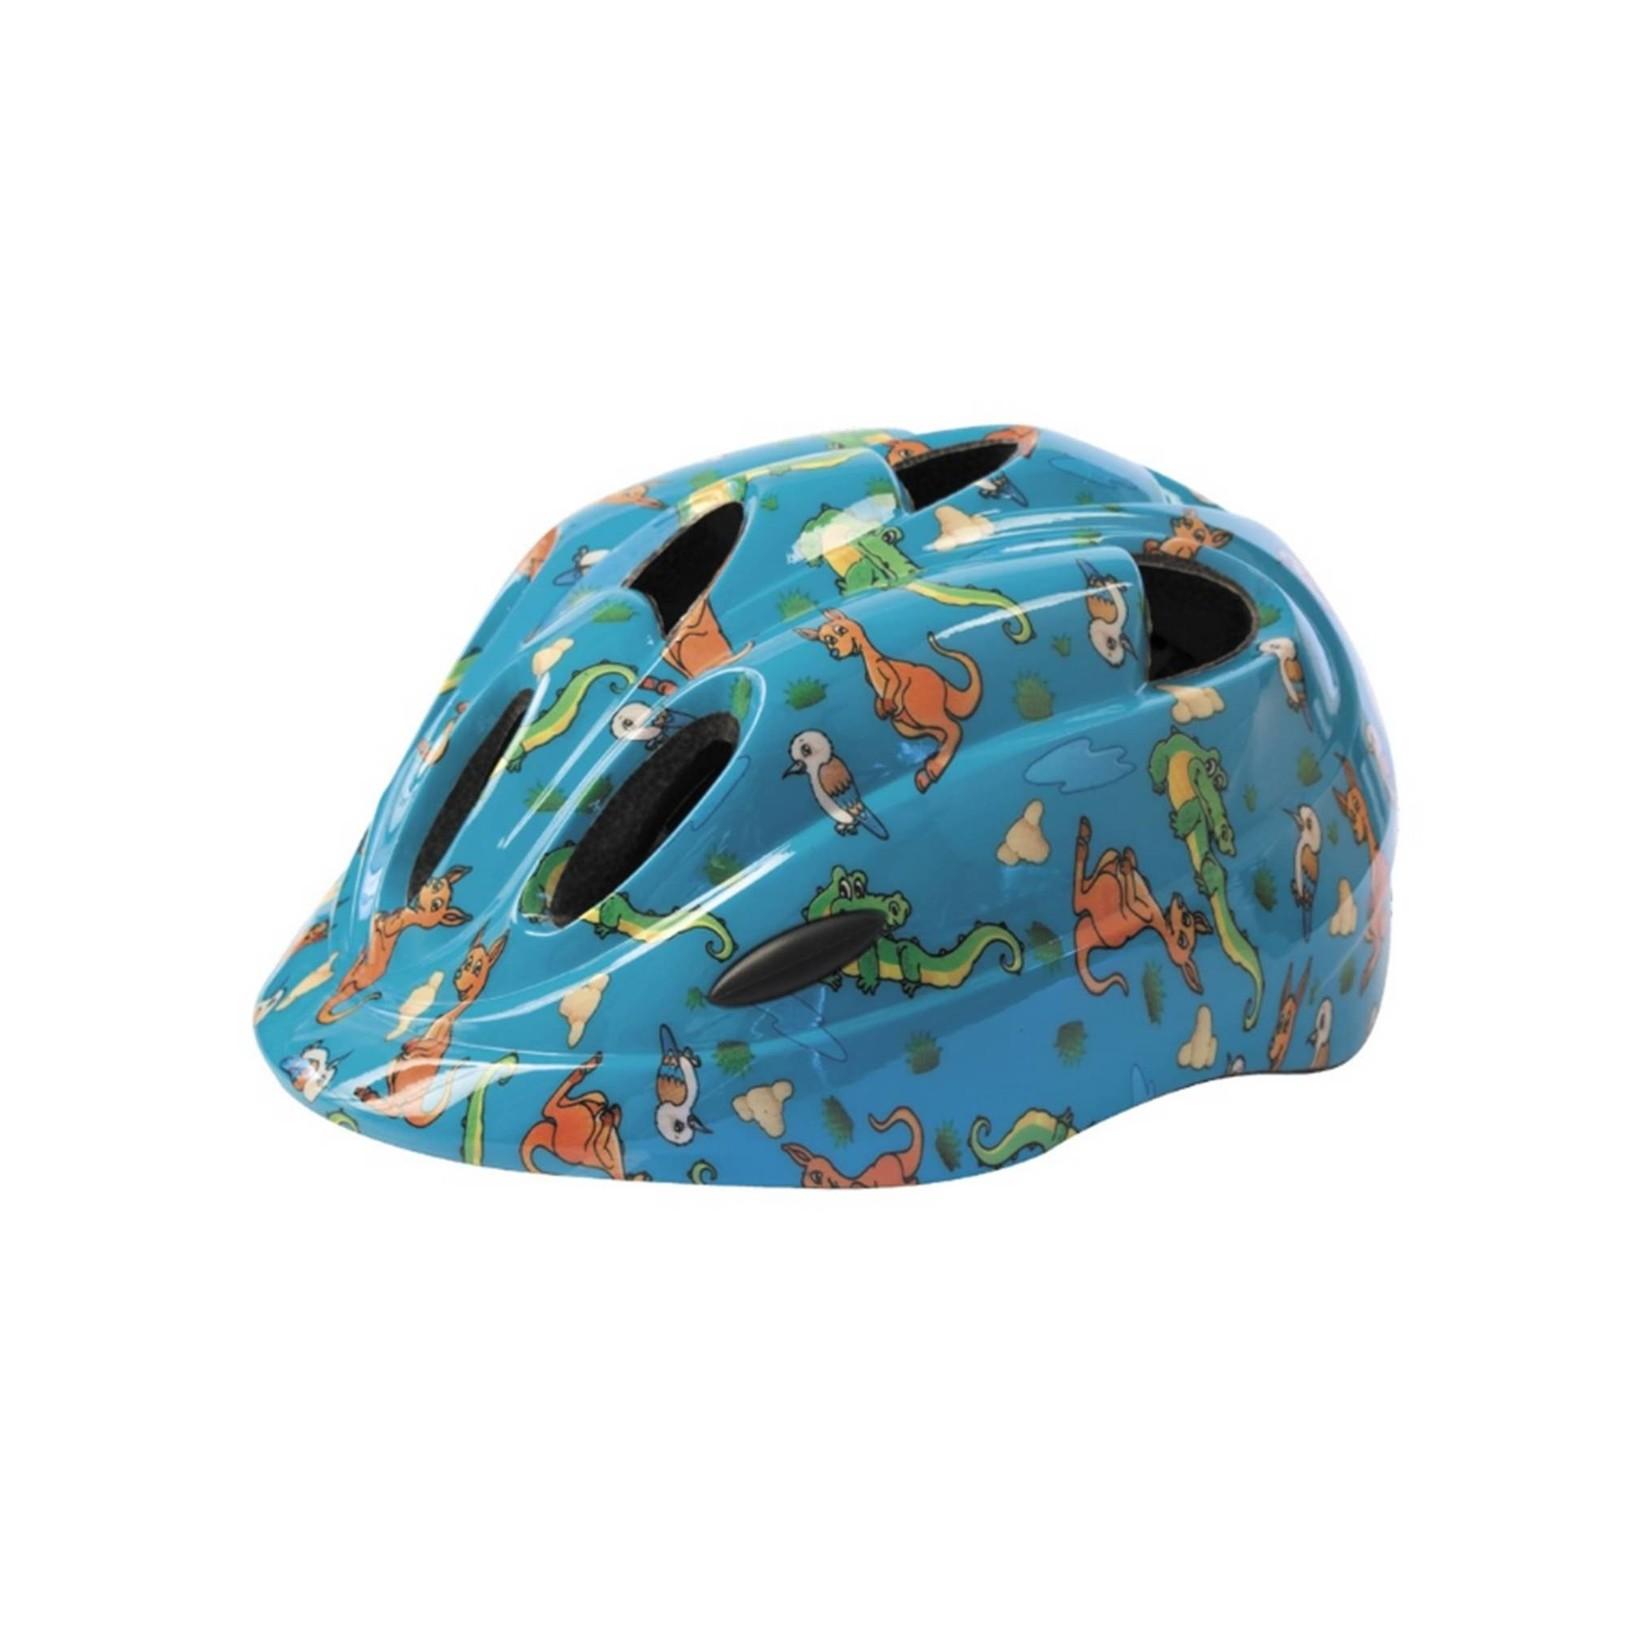 Azur Aussie Kids Helmet